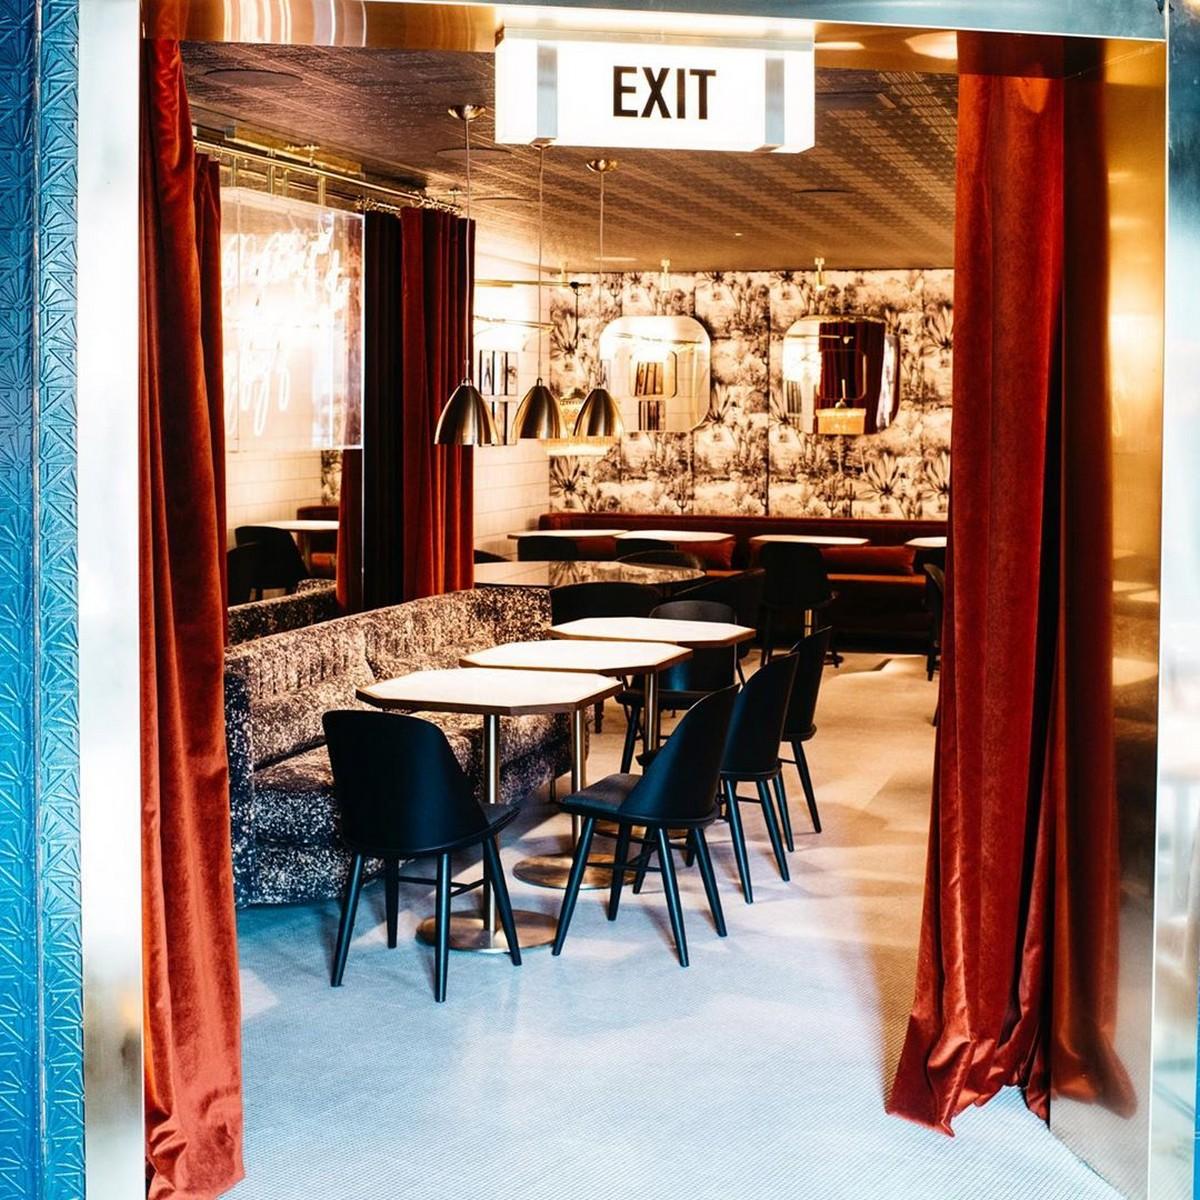 estudio de interiores Estudio de Interiores: Madrid In Love es una referencia para Diseño de Interiores 96516416 535705273981575 6816160212928410780 n